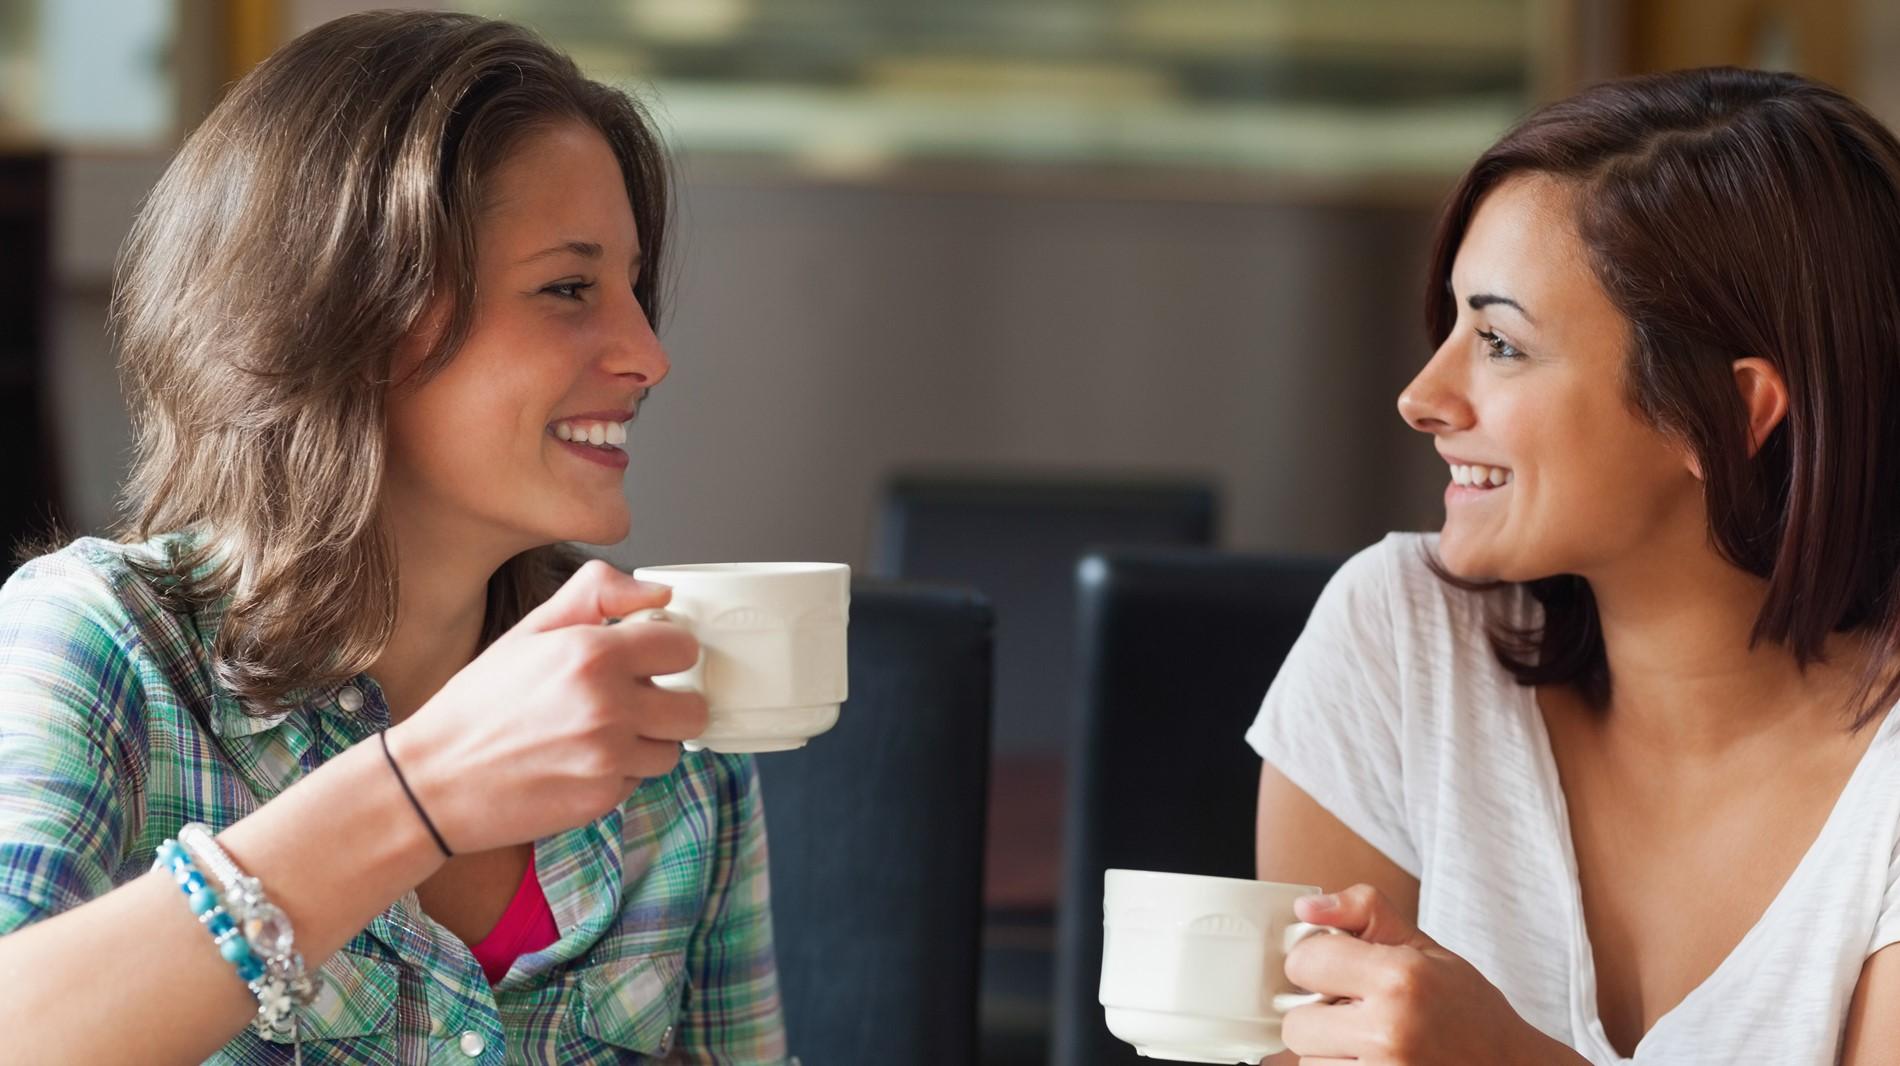 الإسراف في تناول القهوة يُصيب بالخرف